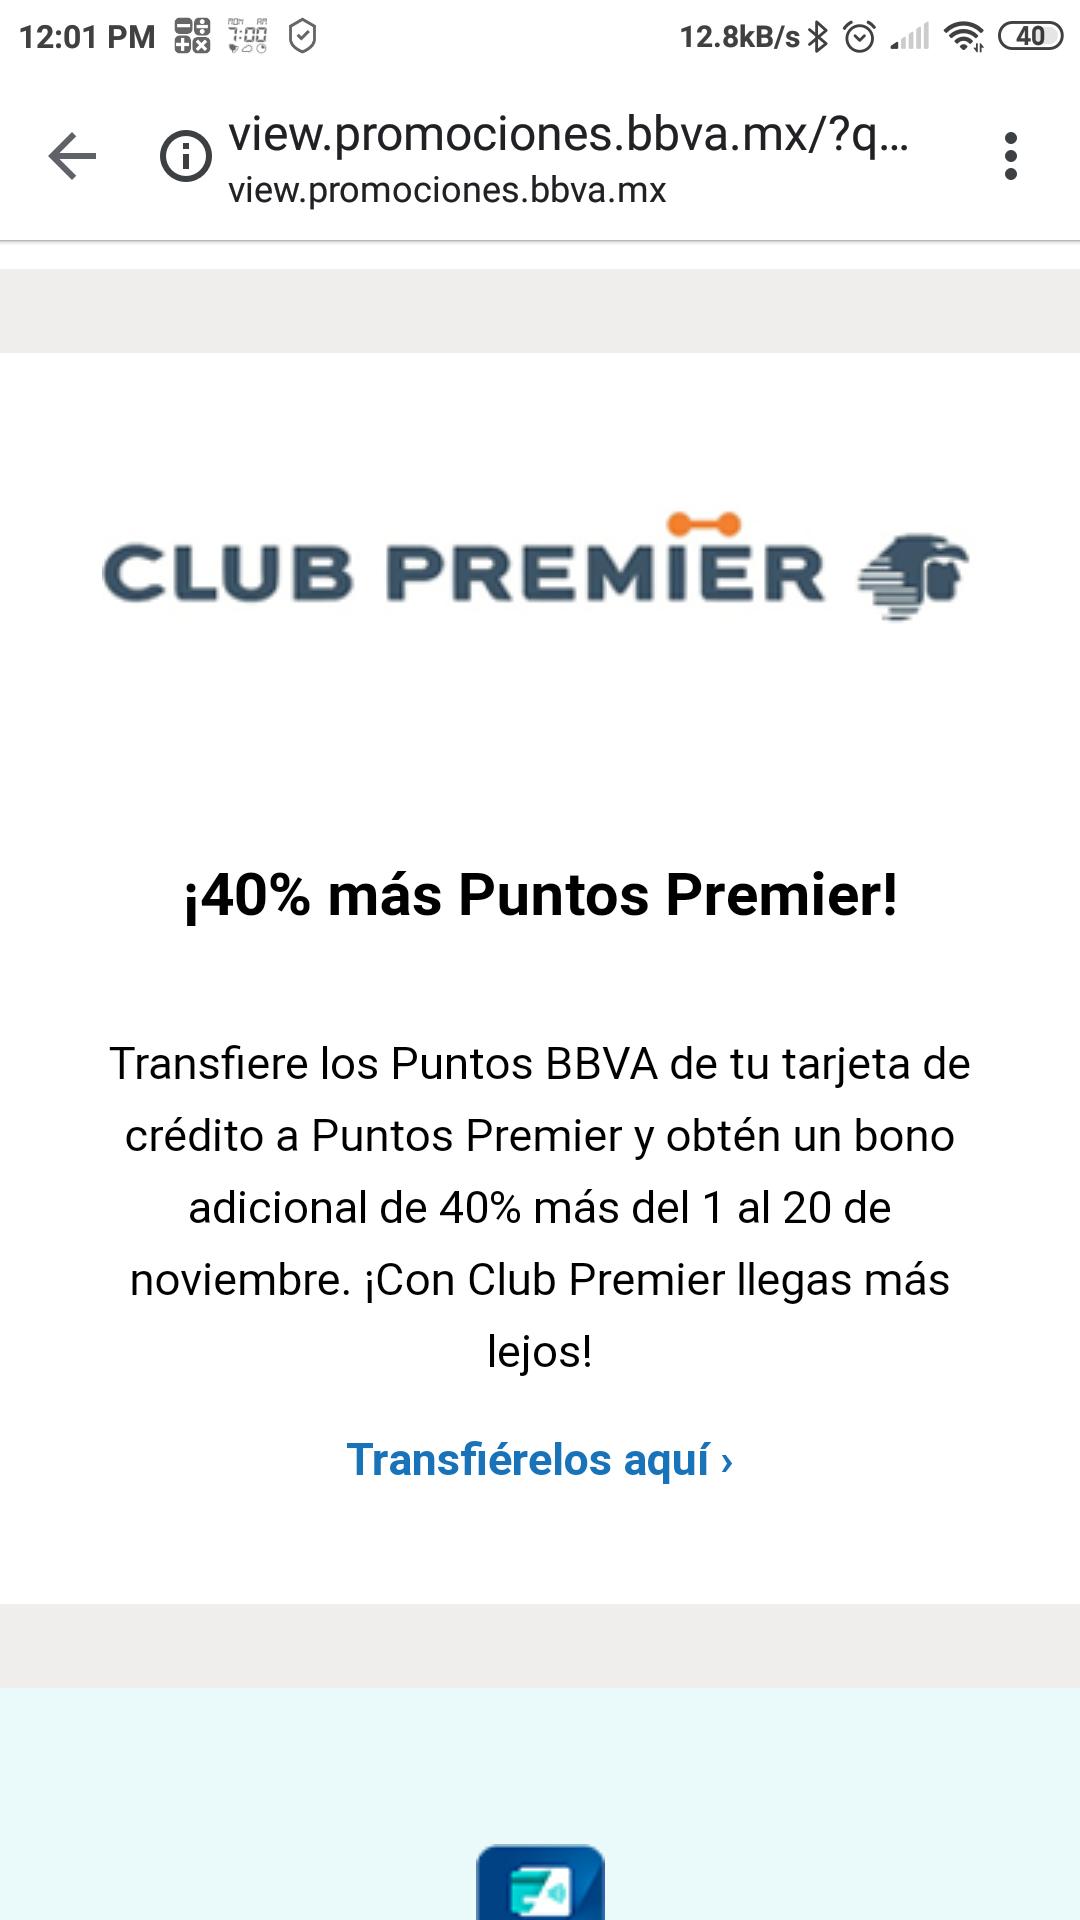 Club Premier Bono del 40% mas de puntos premier al transferir tus puntos BBVA